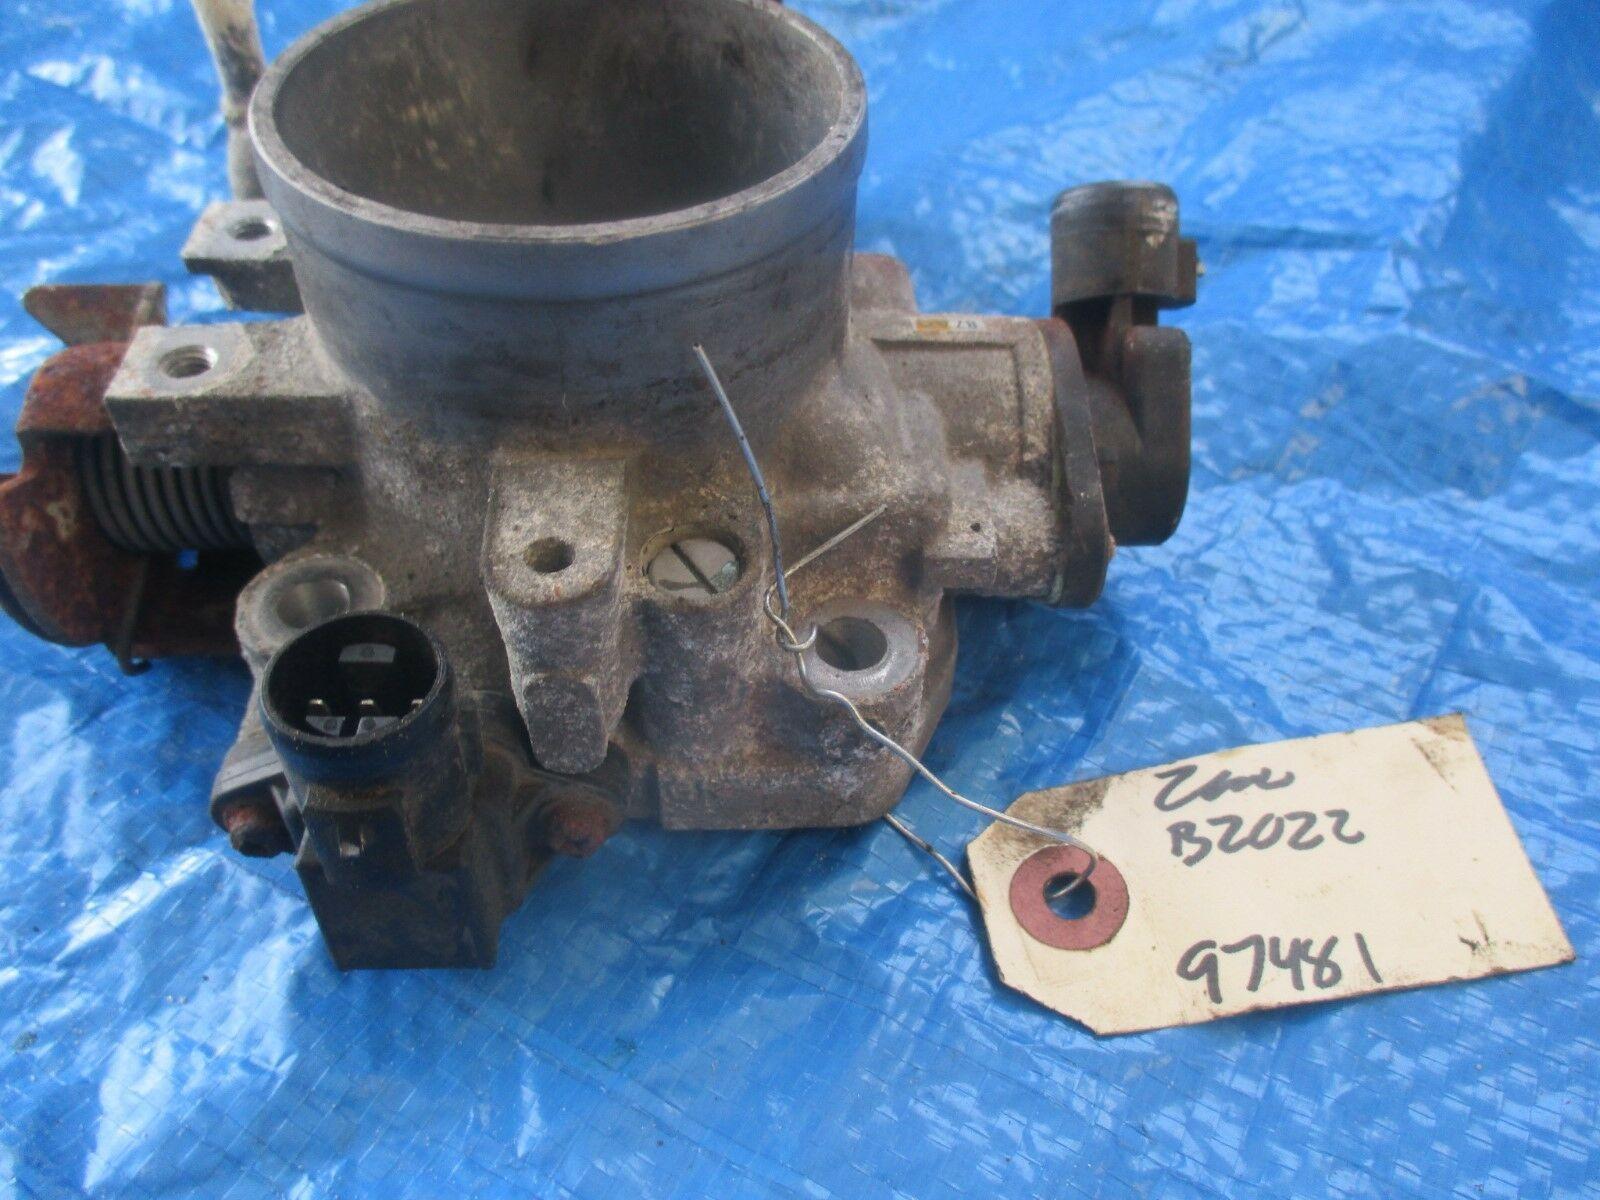 97-01 Honda CRV B20Z2 throttle body assembly OEM TPS sensor B20 engine motor